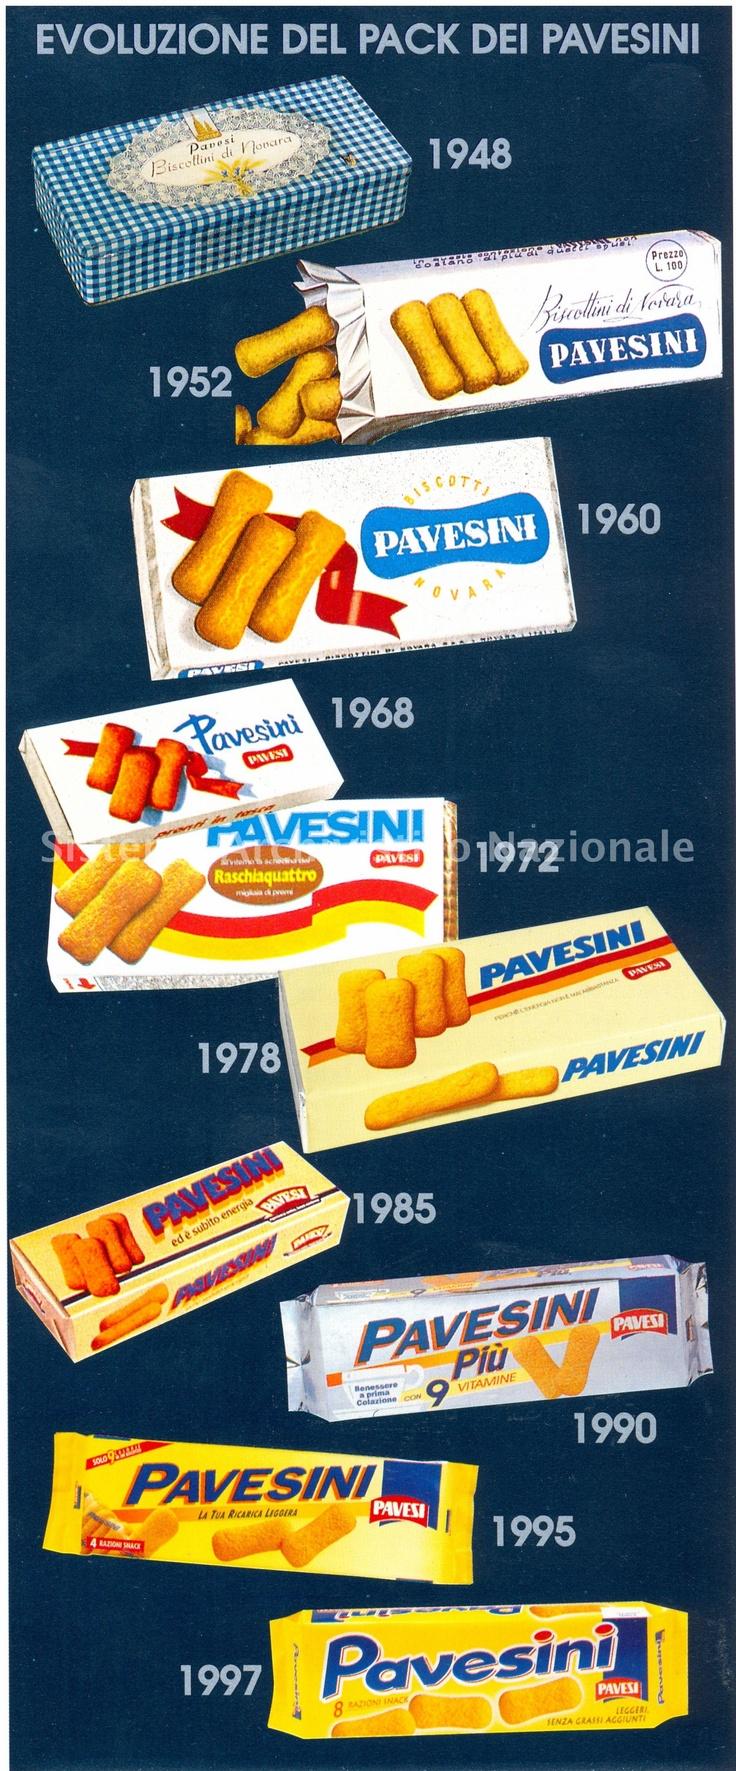 """Evoluzione del packaging dei Pavesini. """"e l'ora dei Pavesini, tutti i bimbi al letto!""""- vintage Pavesini television ad campaign."""